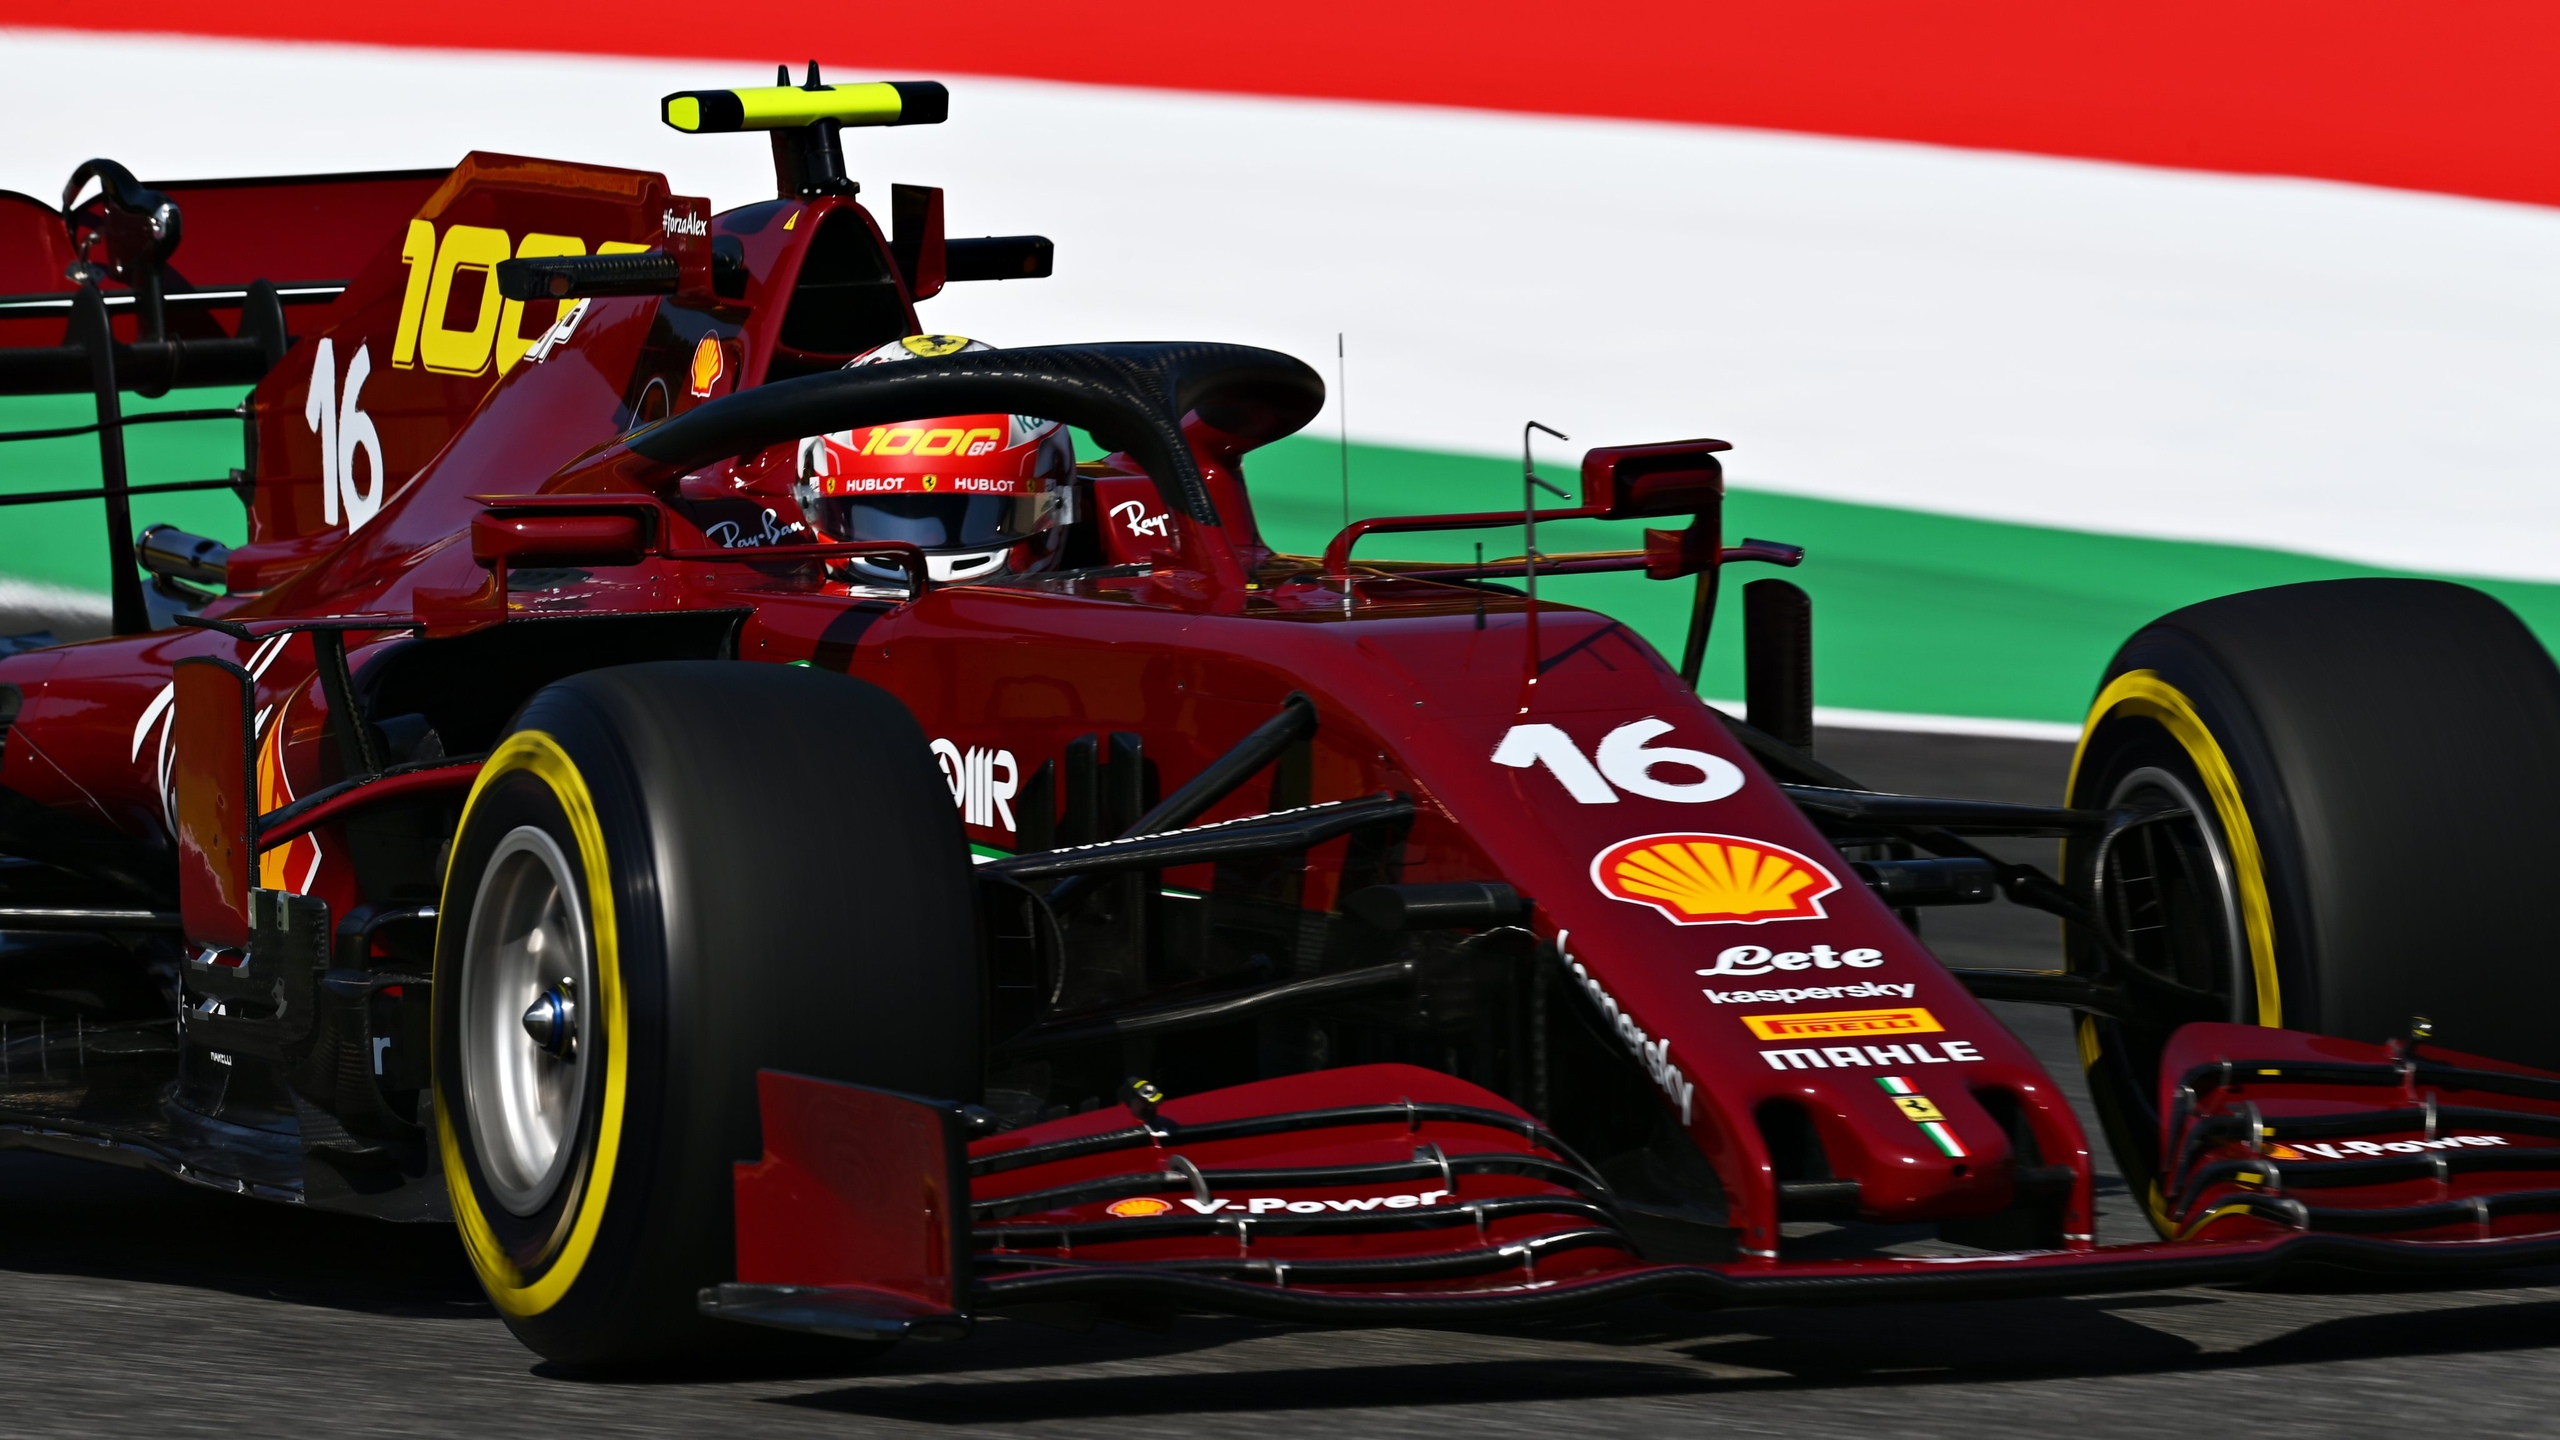 Шарль Леклер стал лучшим пилотом Ferrari на гран-при Тосканы 2020 года